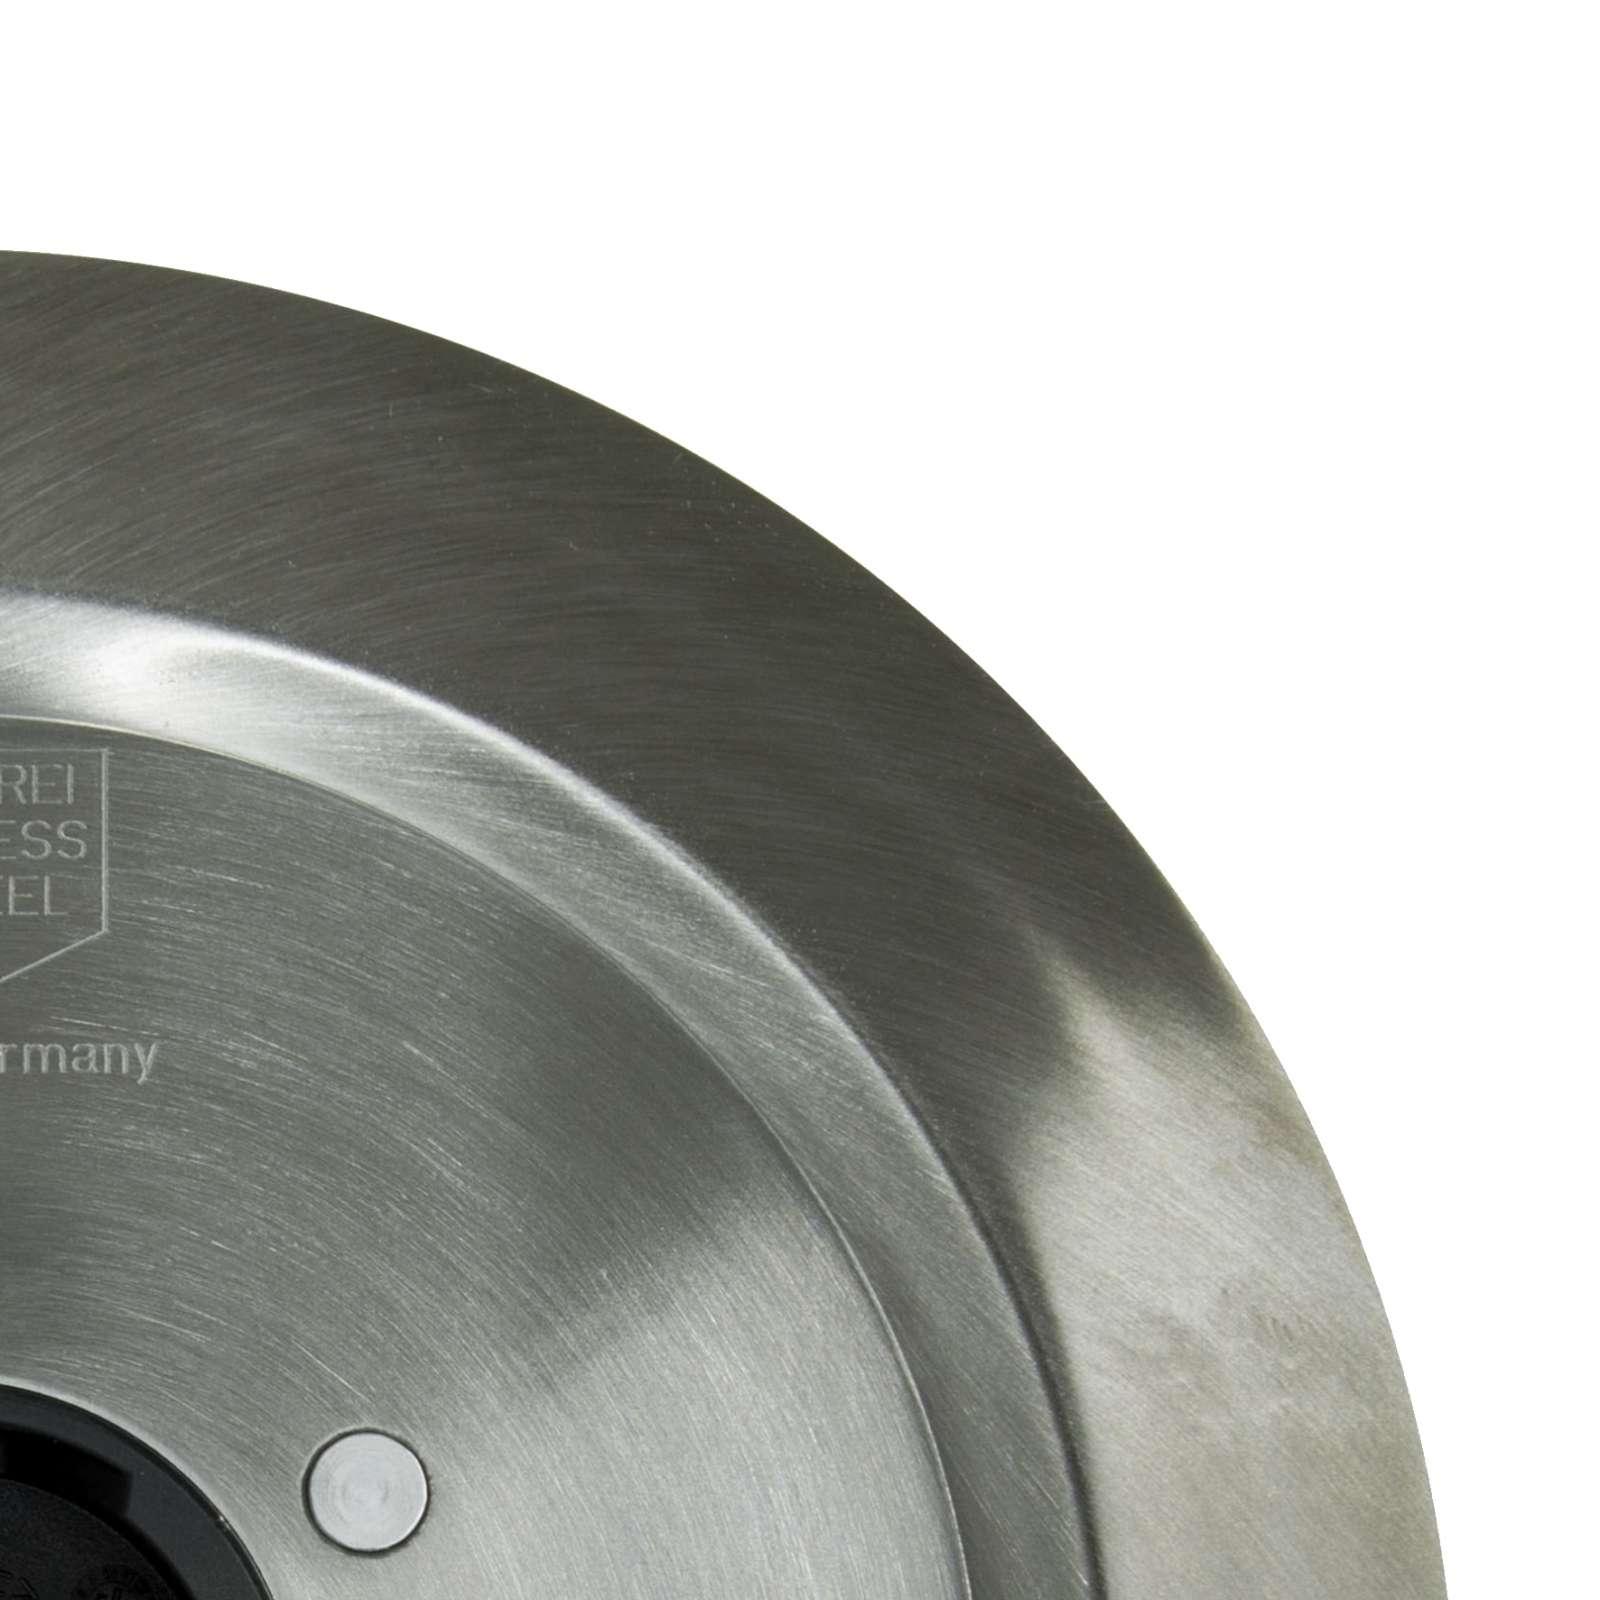 Hladký řezný kotouč Graef 145350